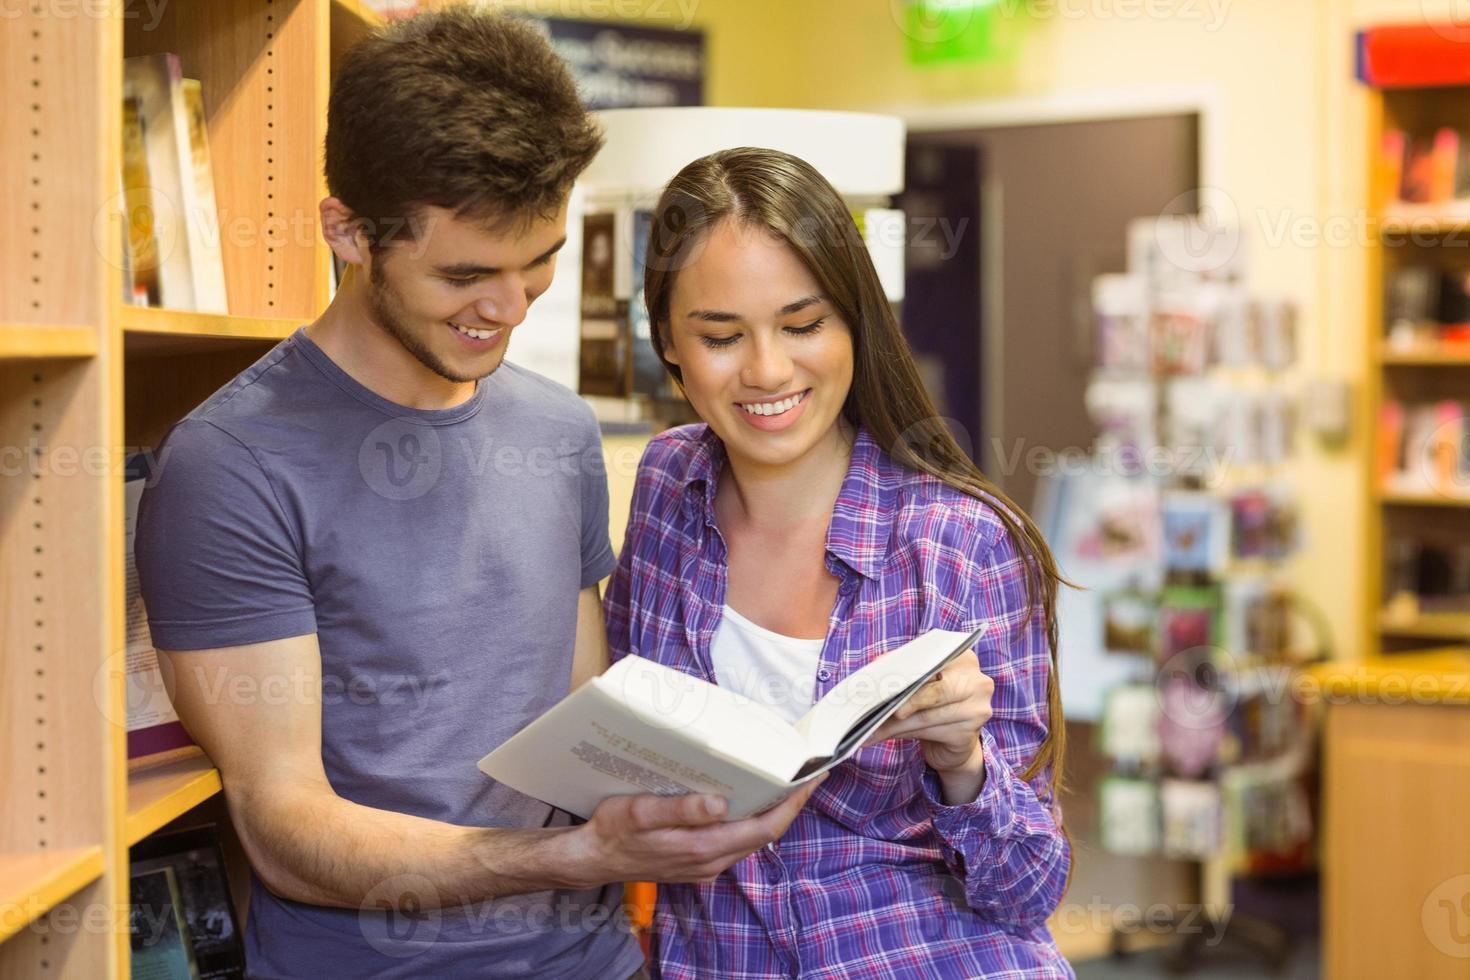 sourire amis étudiant lecture manuel photo